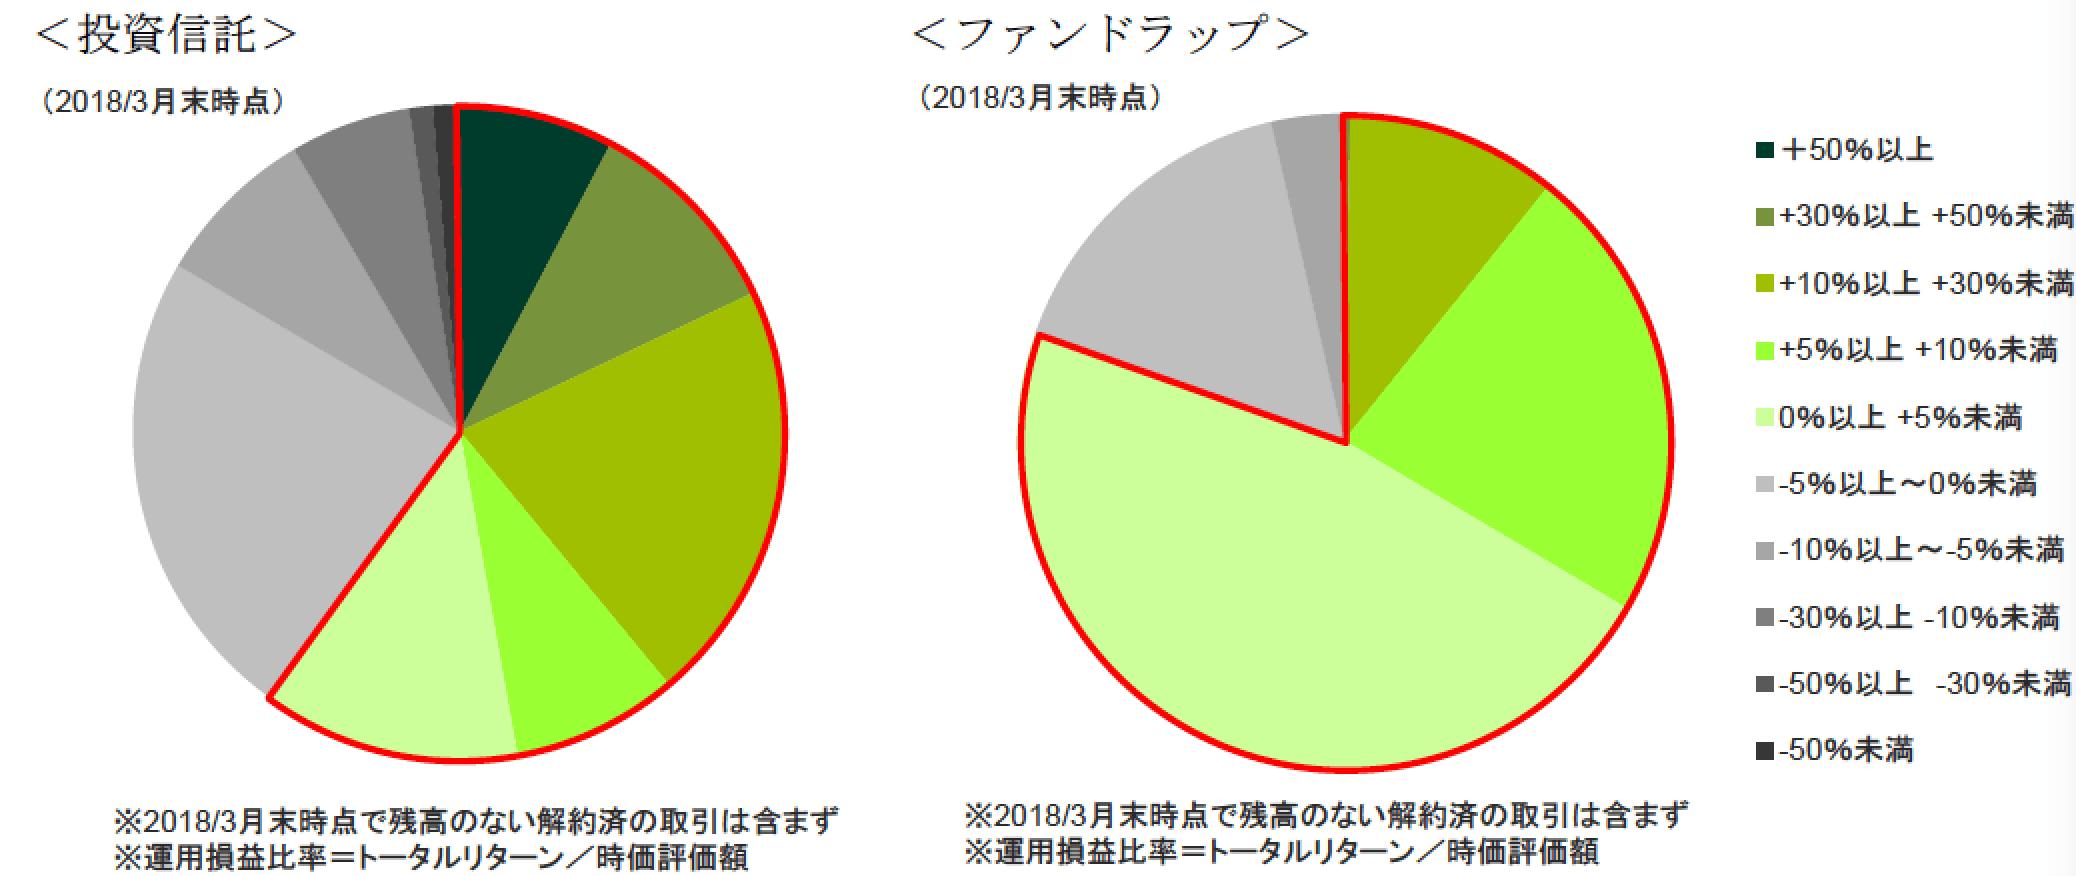 三井住友投資信託プラス割合-min